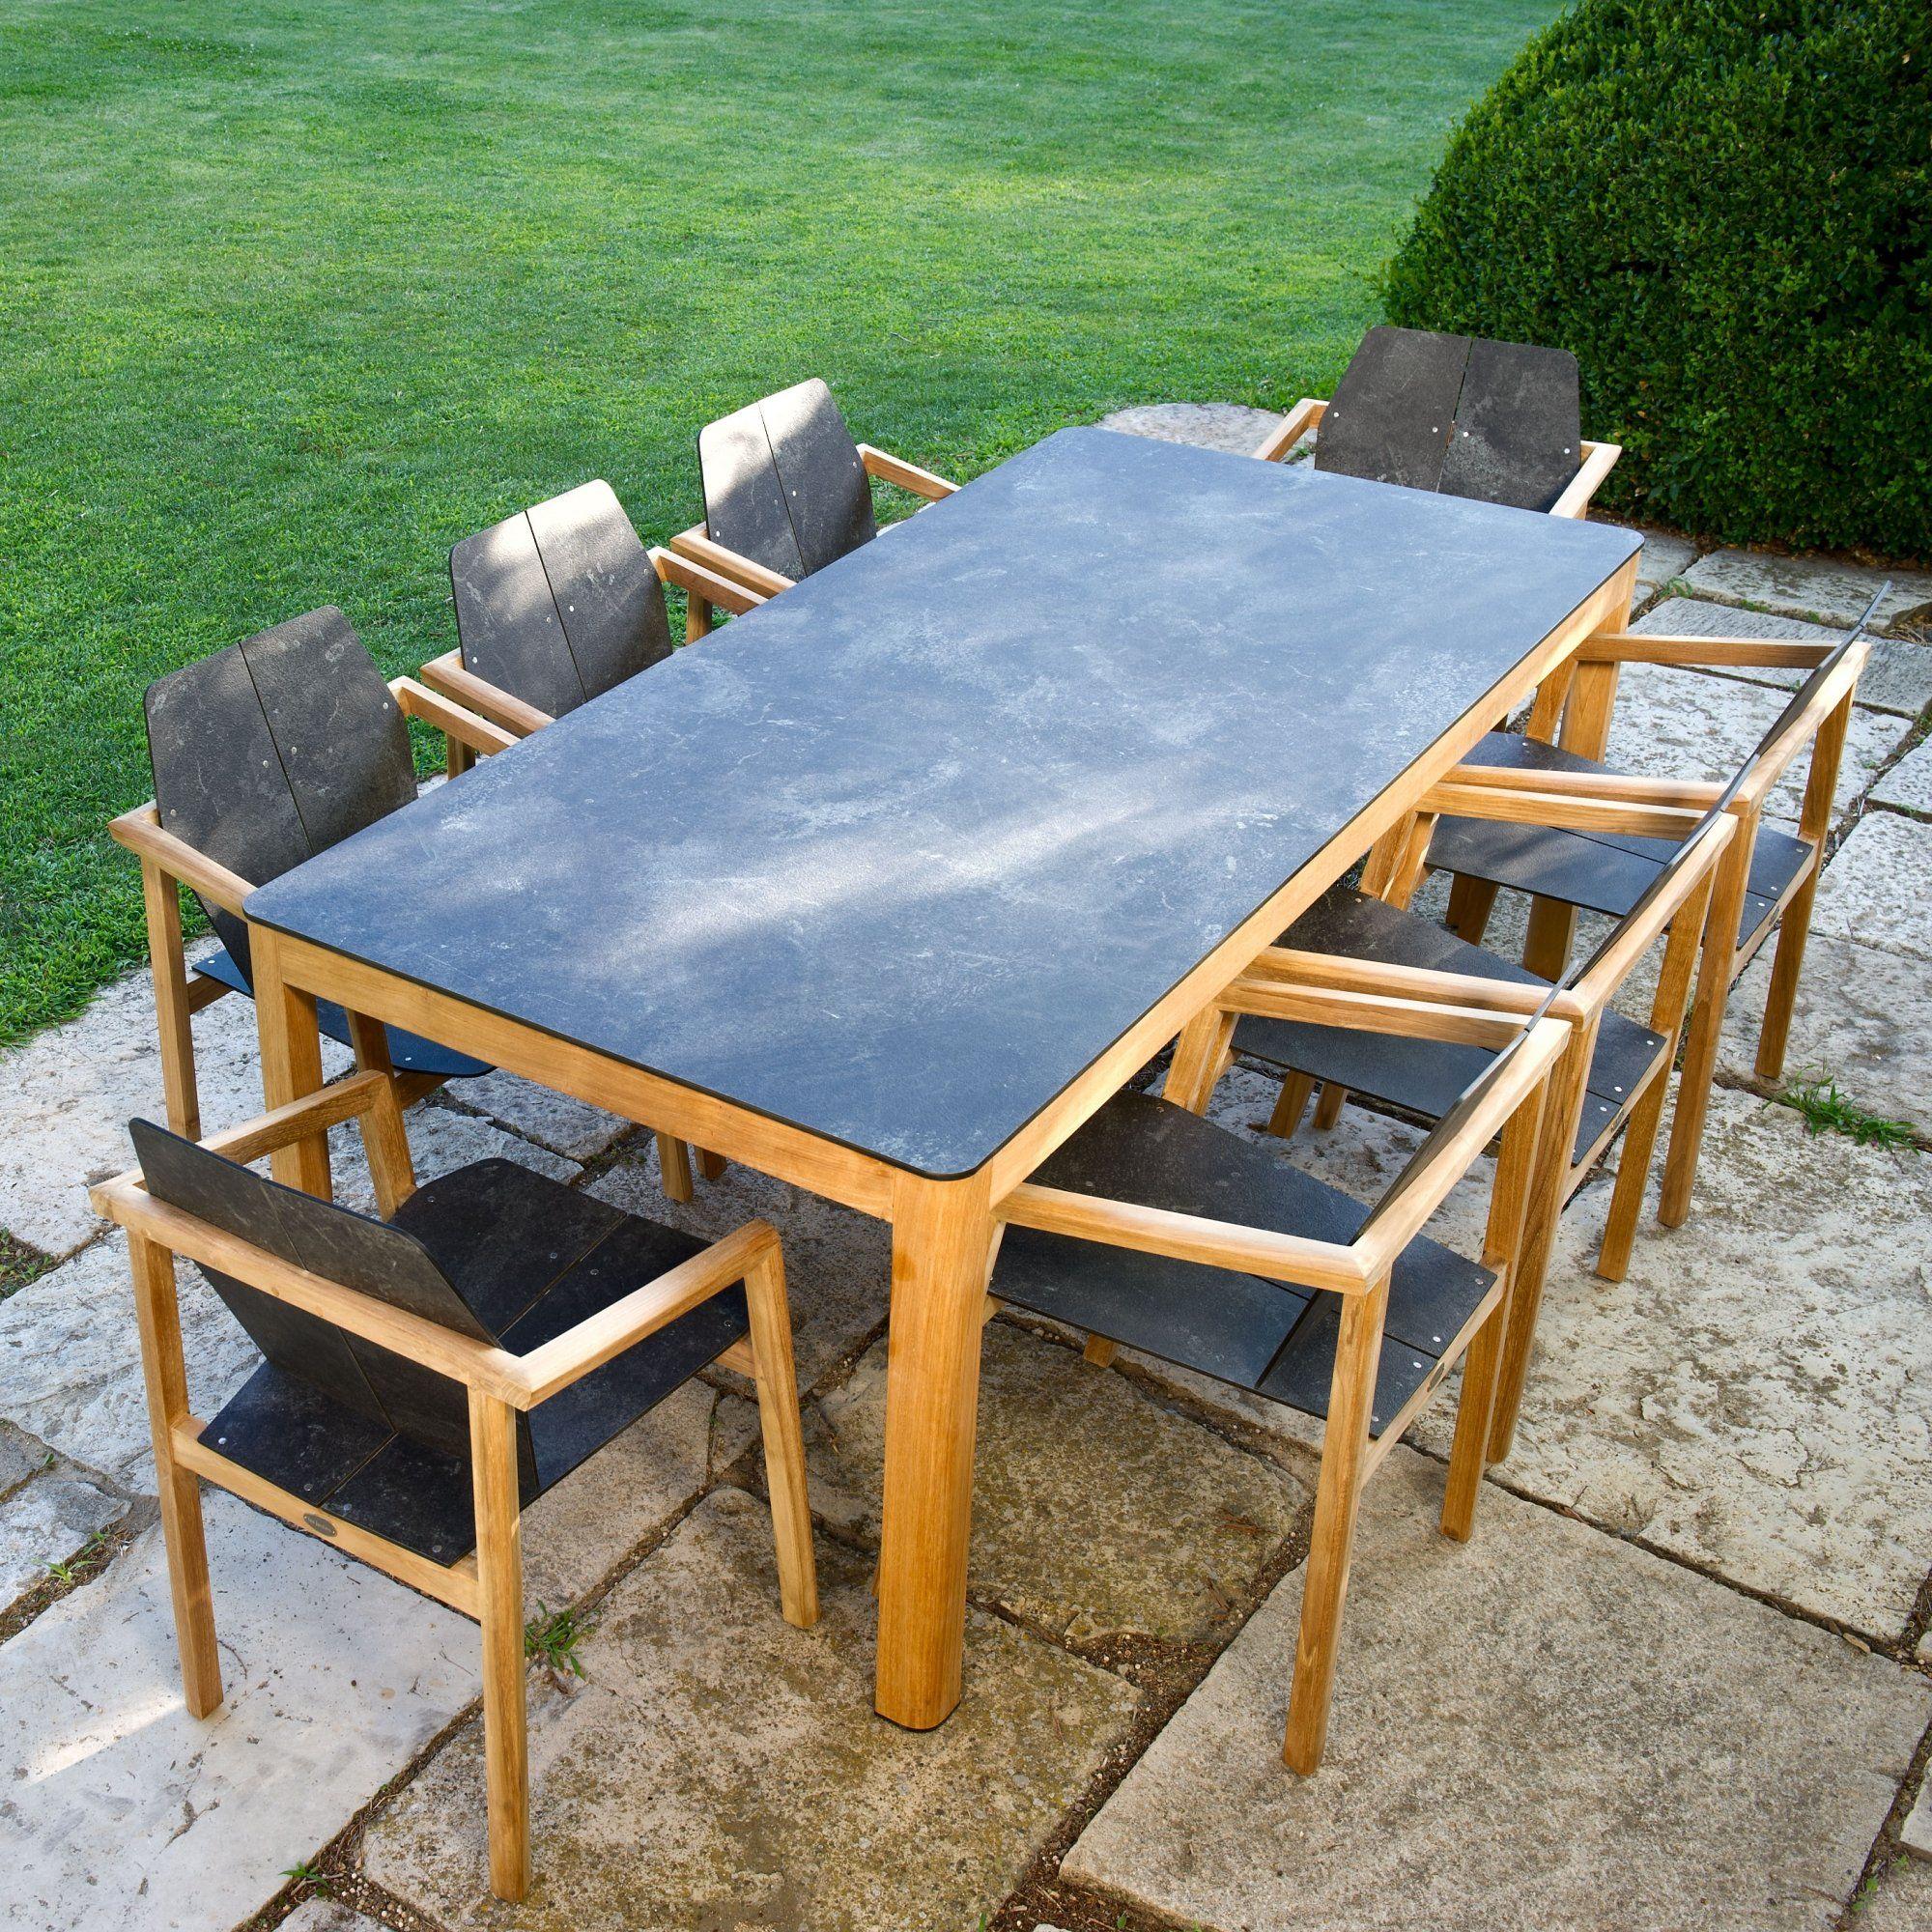 Table de jardin extensible en bois et verre avec chaises assorties ...